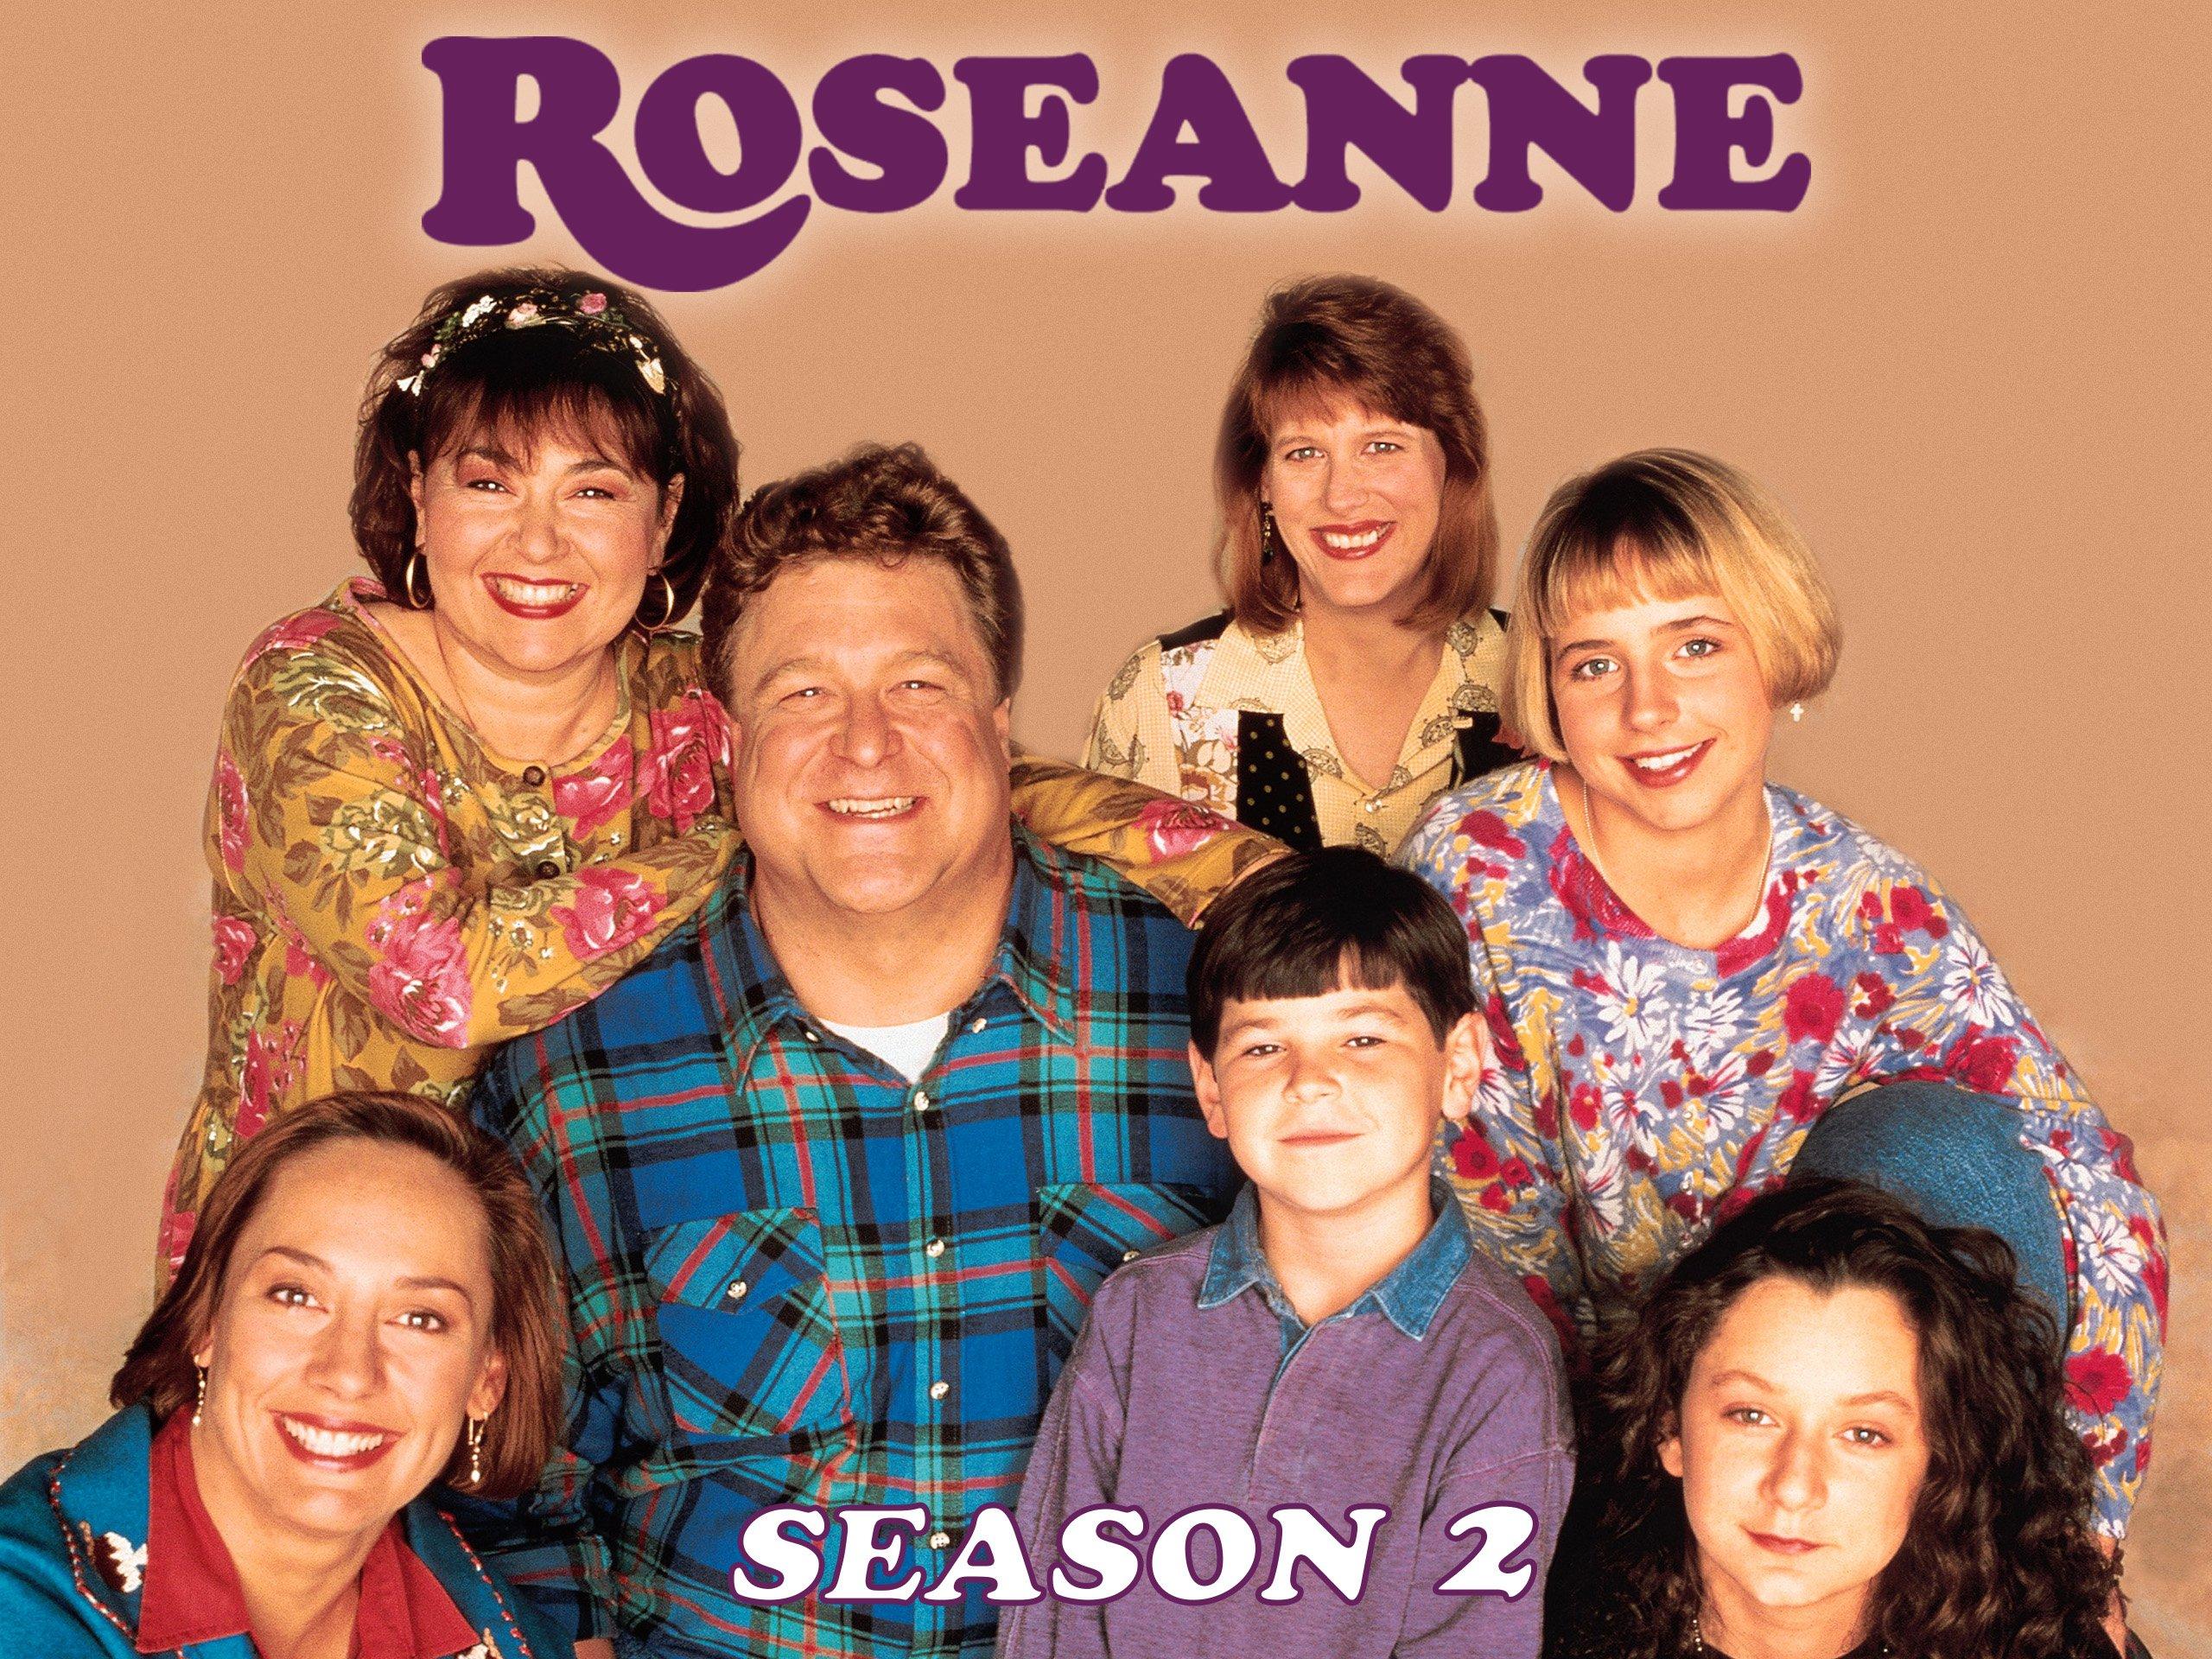 roseanne season 7 episode 22